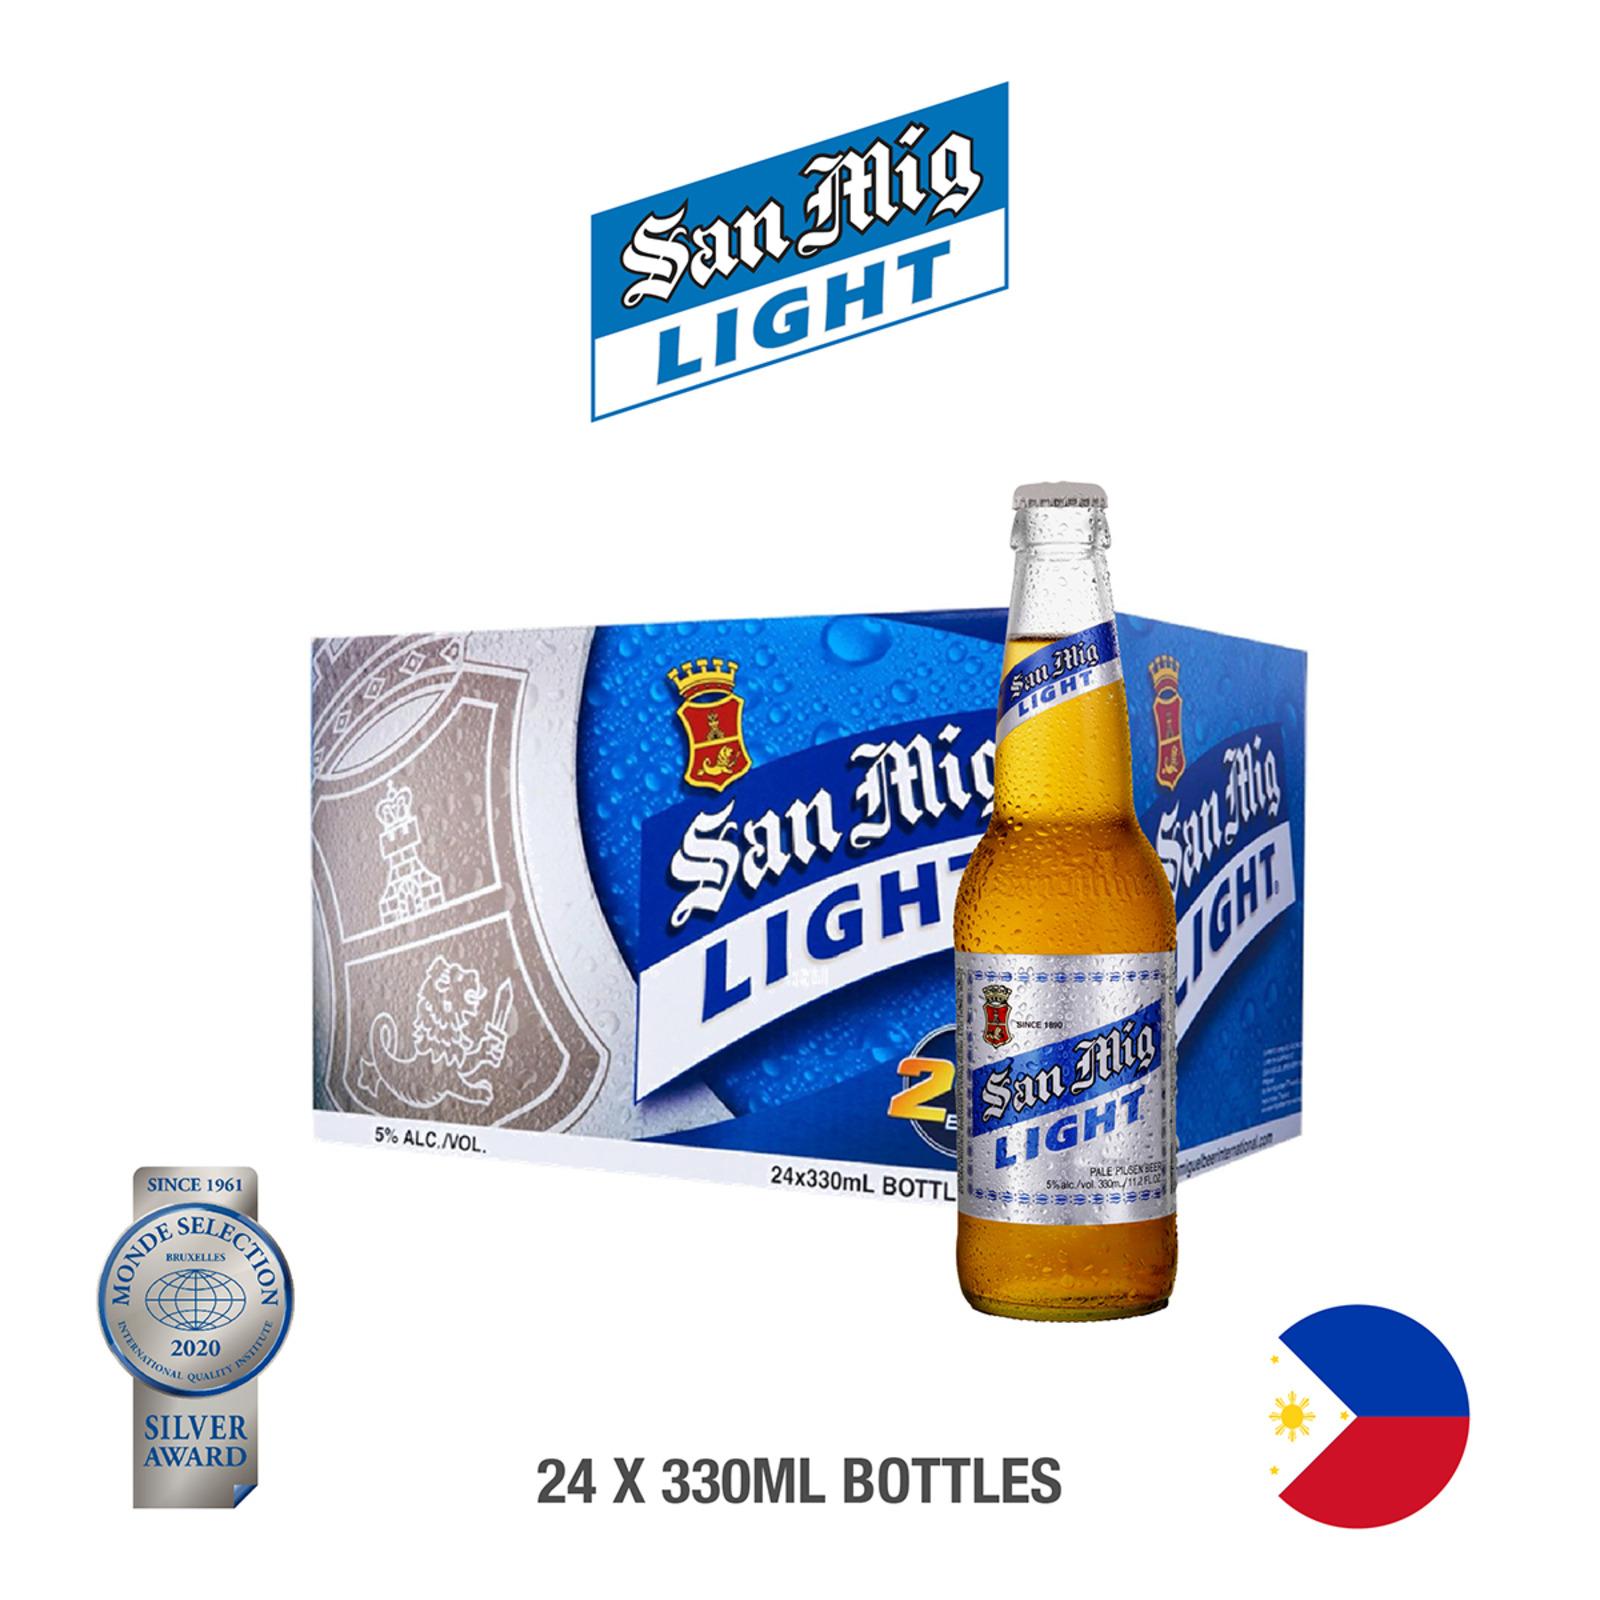 San Miguel Light Bottle - Case